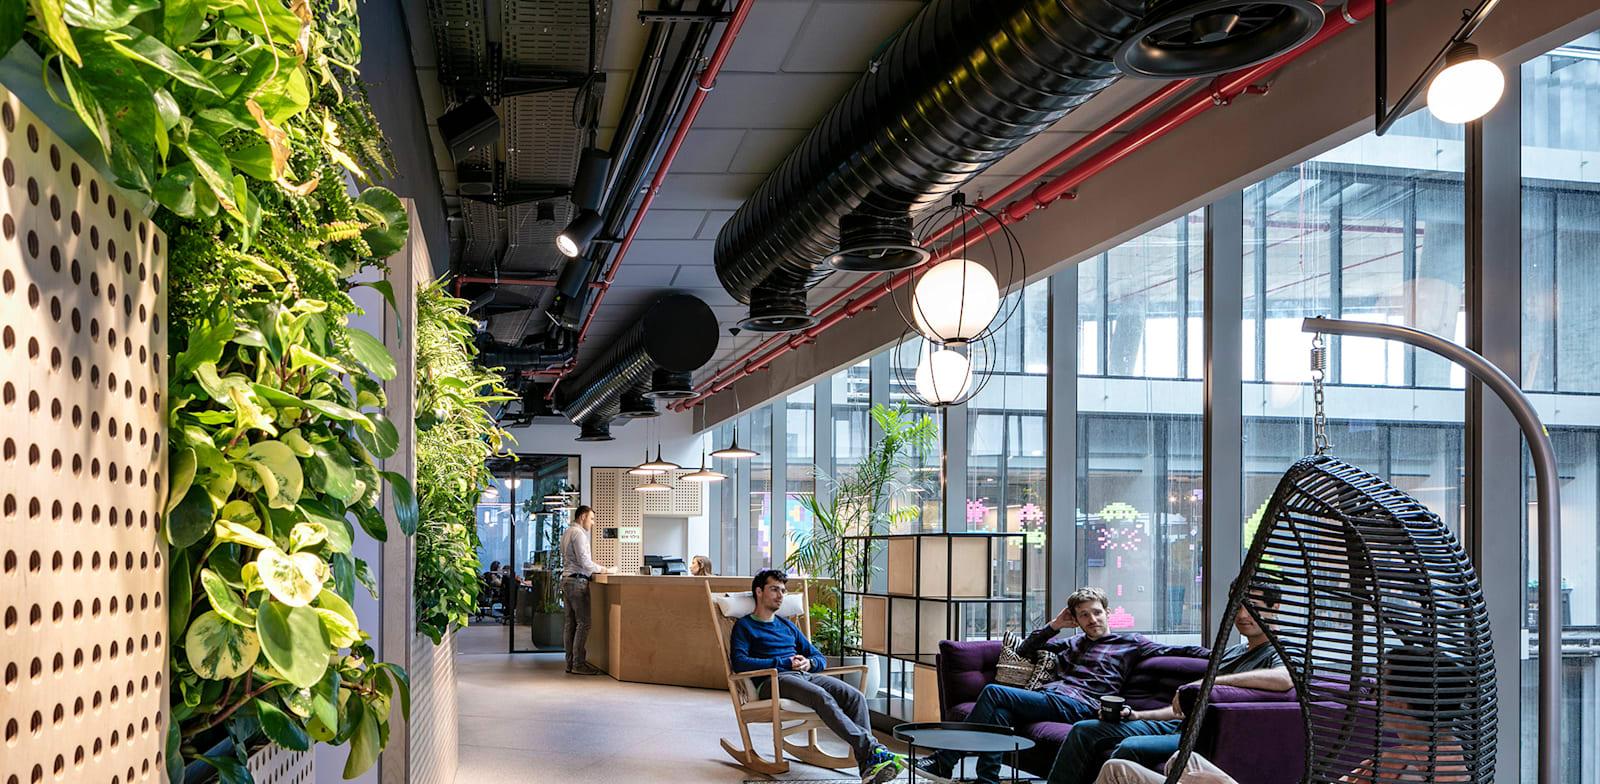 משרדי חברת טראקס בבניין TOHA. מחצית מהעובדים גרים בתל אביב / צילום: באדיבות טראקס